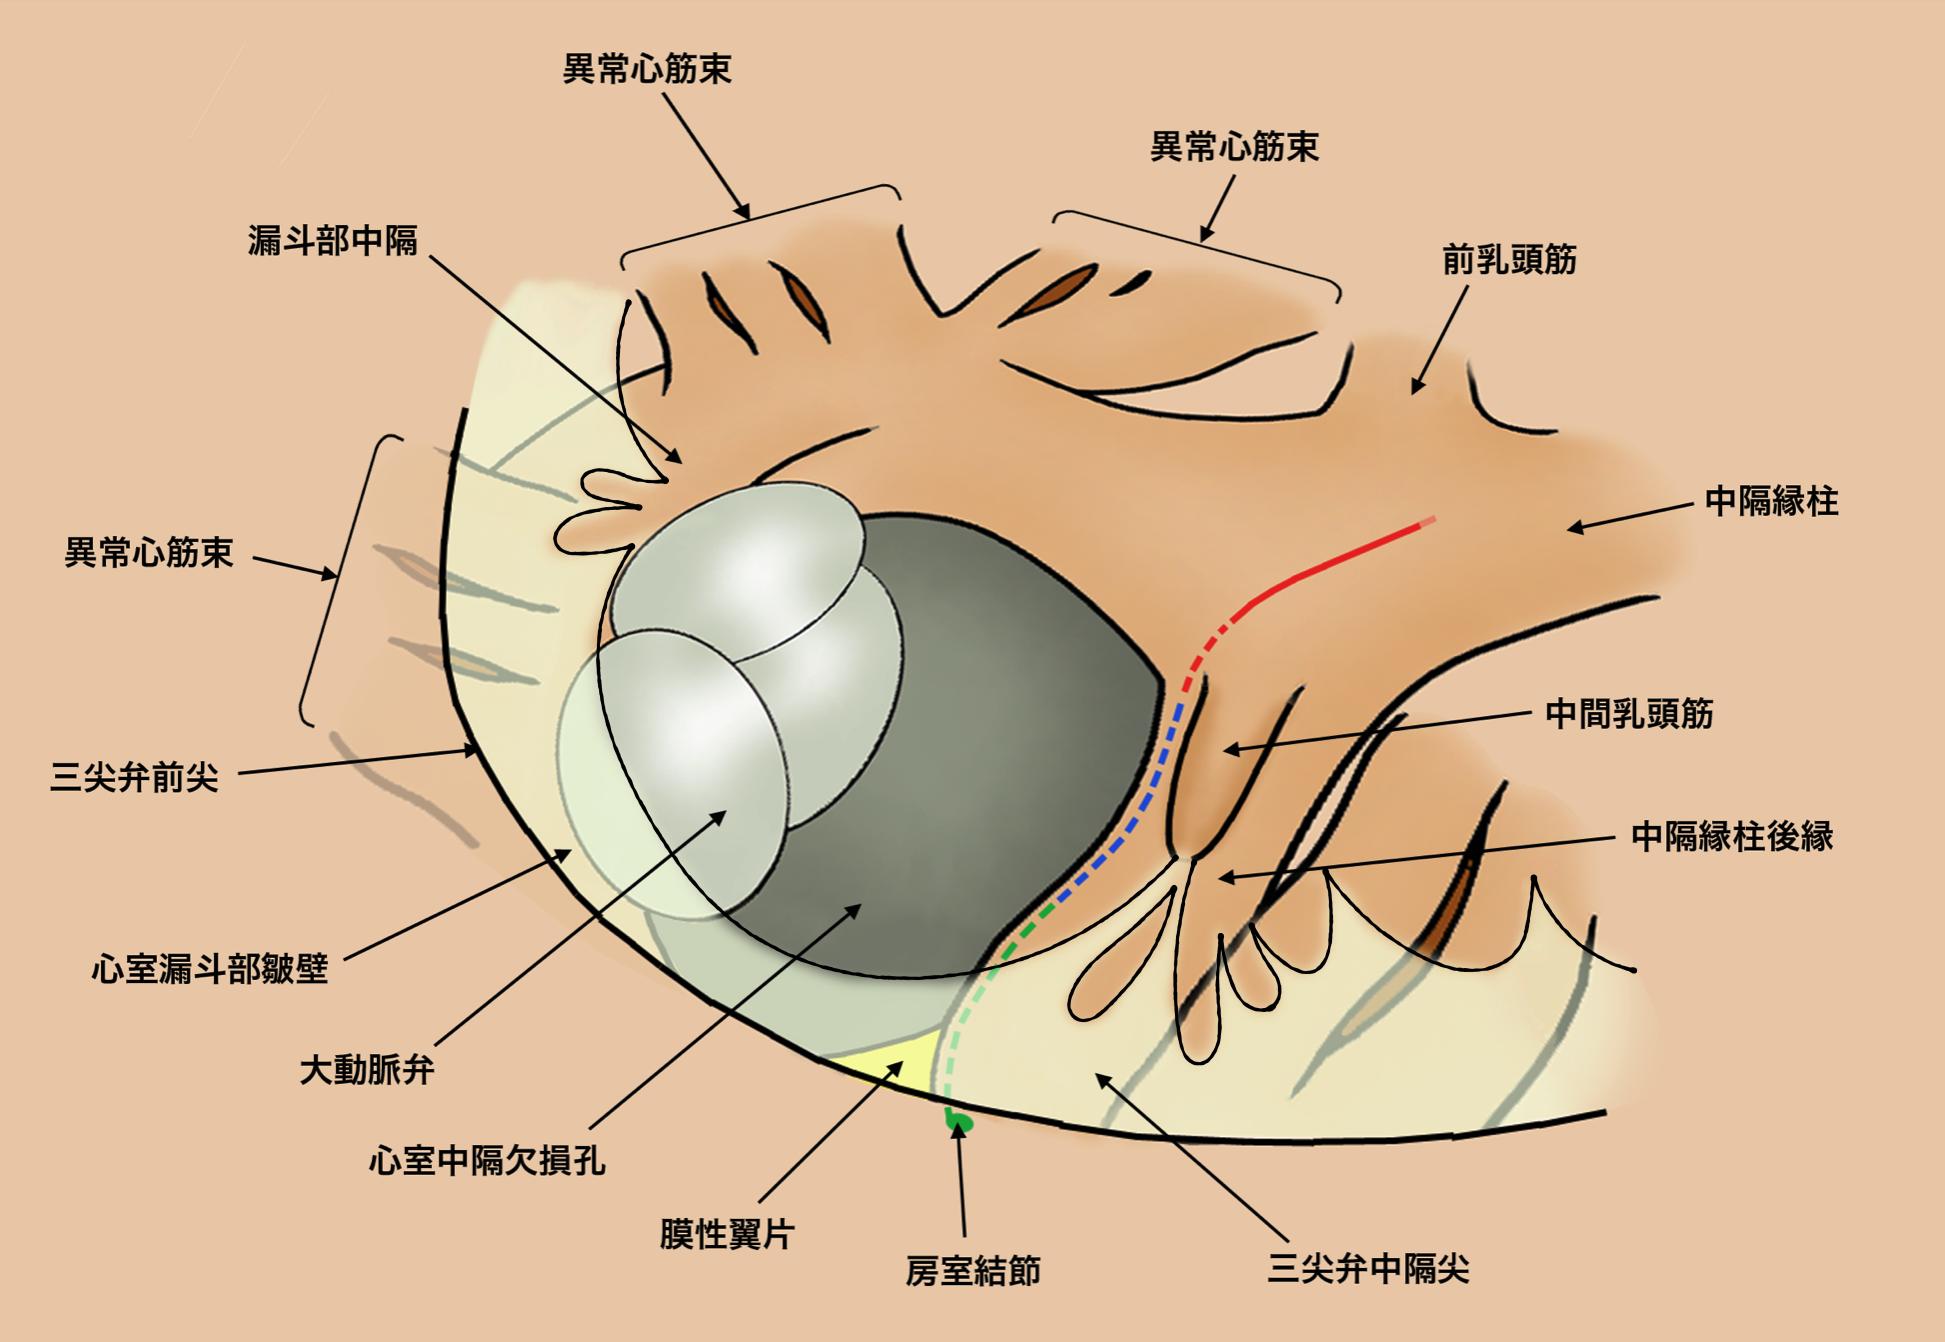 図2 VSD周辺の解剖